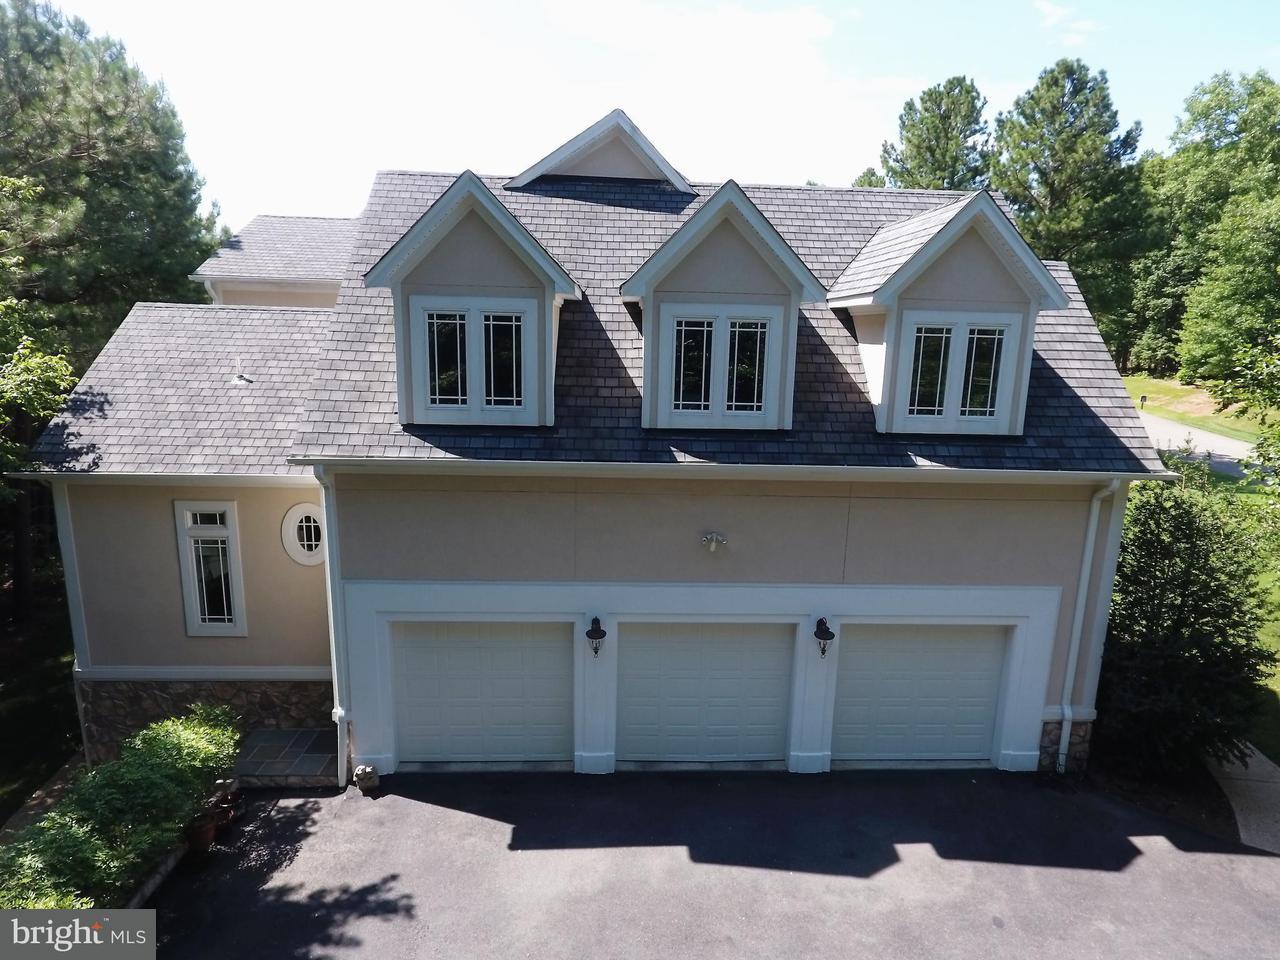 Частный односемейный дом для того Продажа на 11403 Little Bay Harbor Way 11403 Little Bay Harbor Way Spotsylvania, Виргиния 22551 Соединенные Штаты